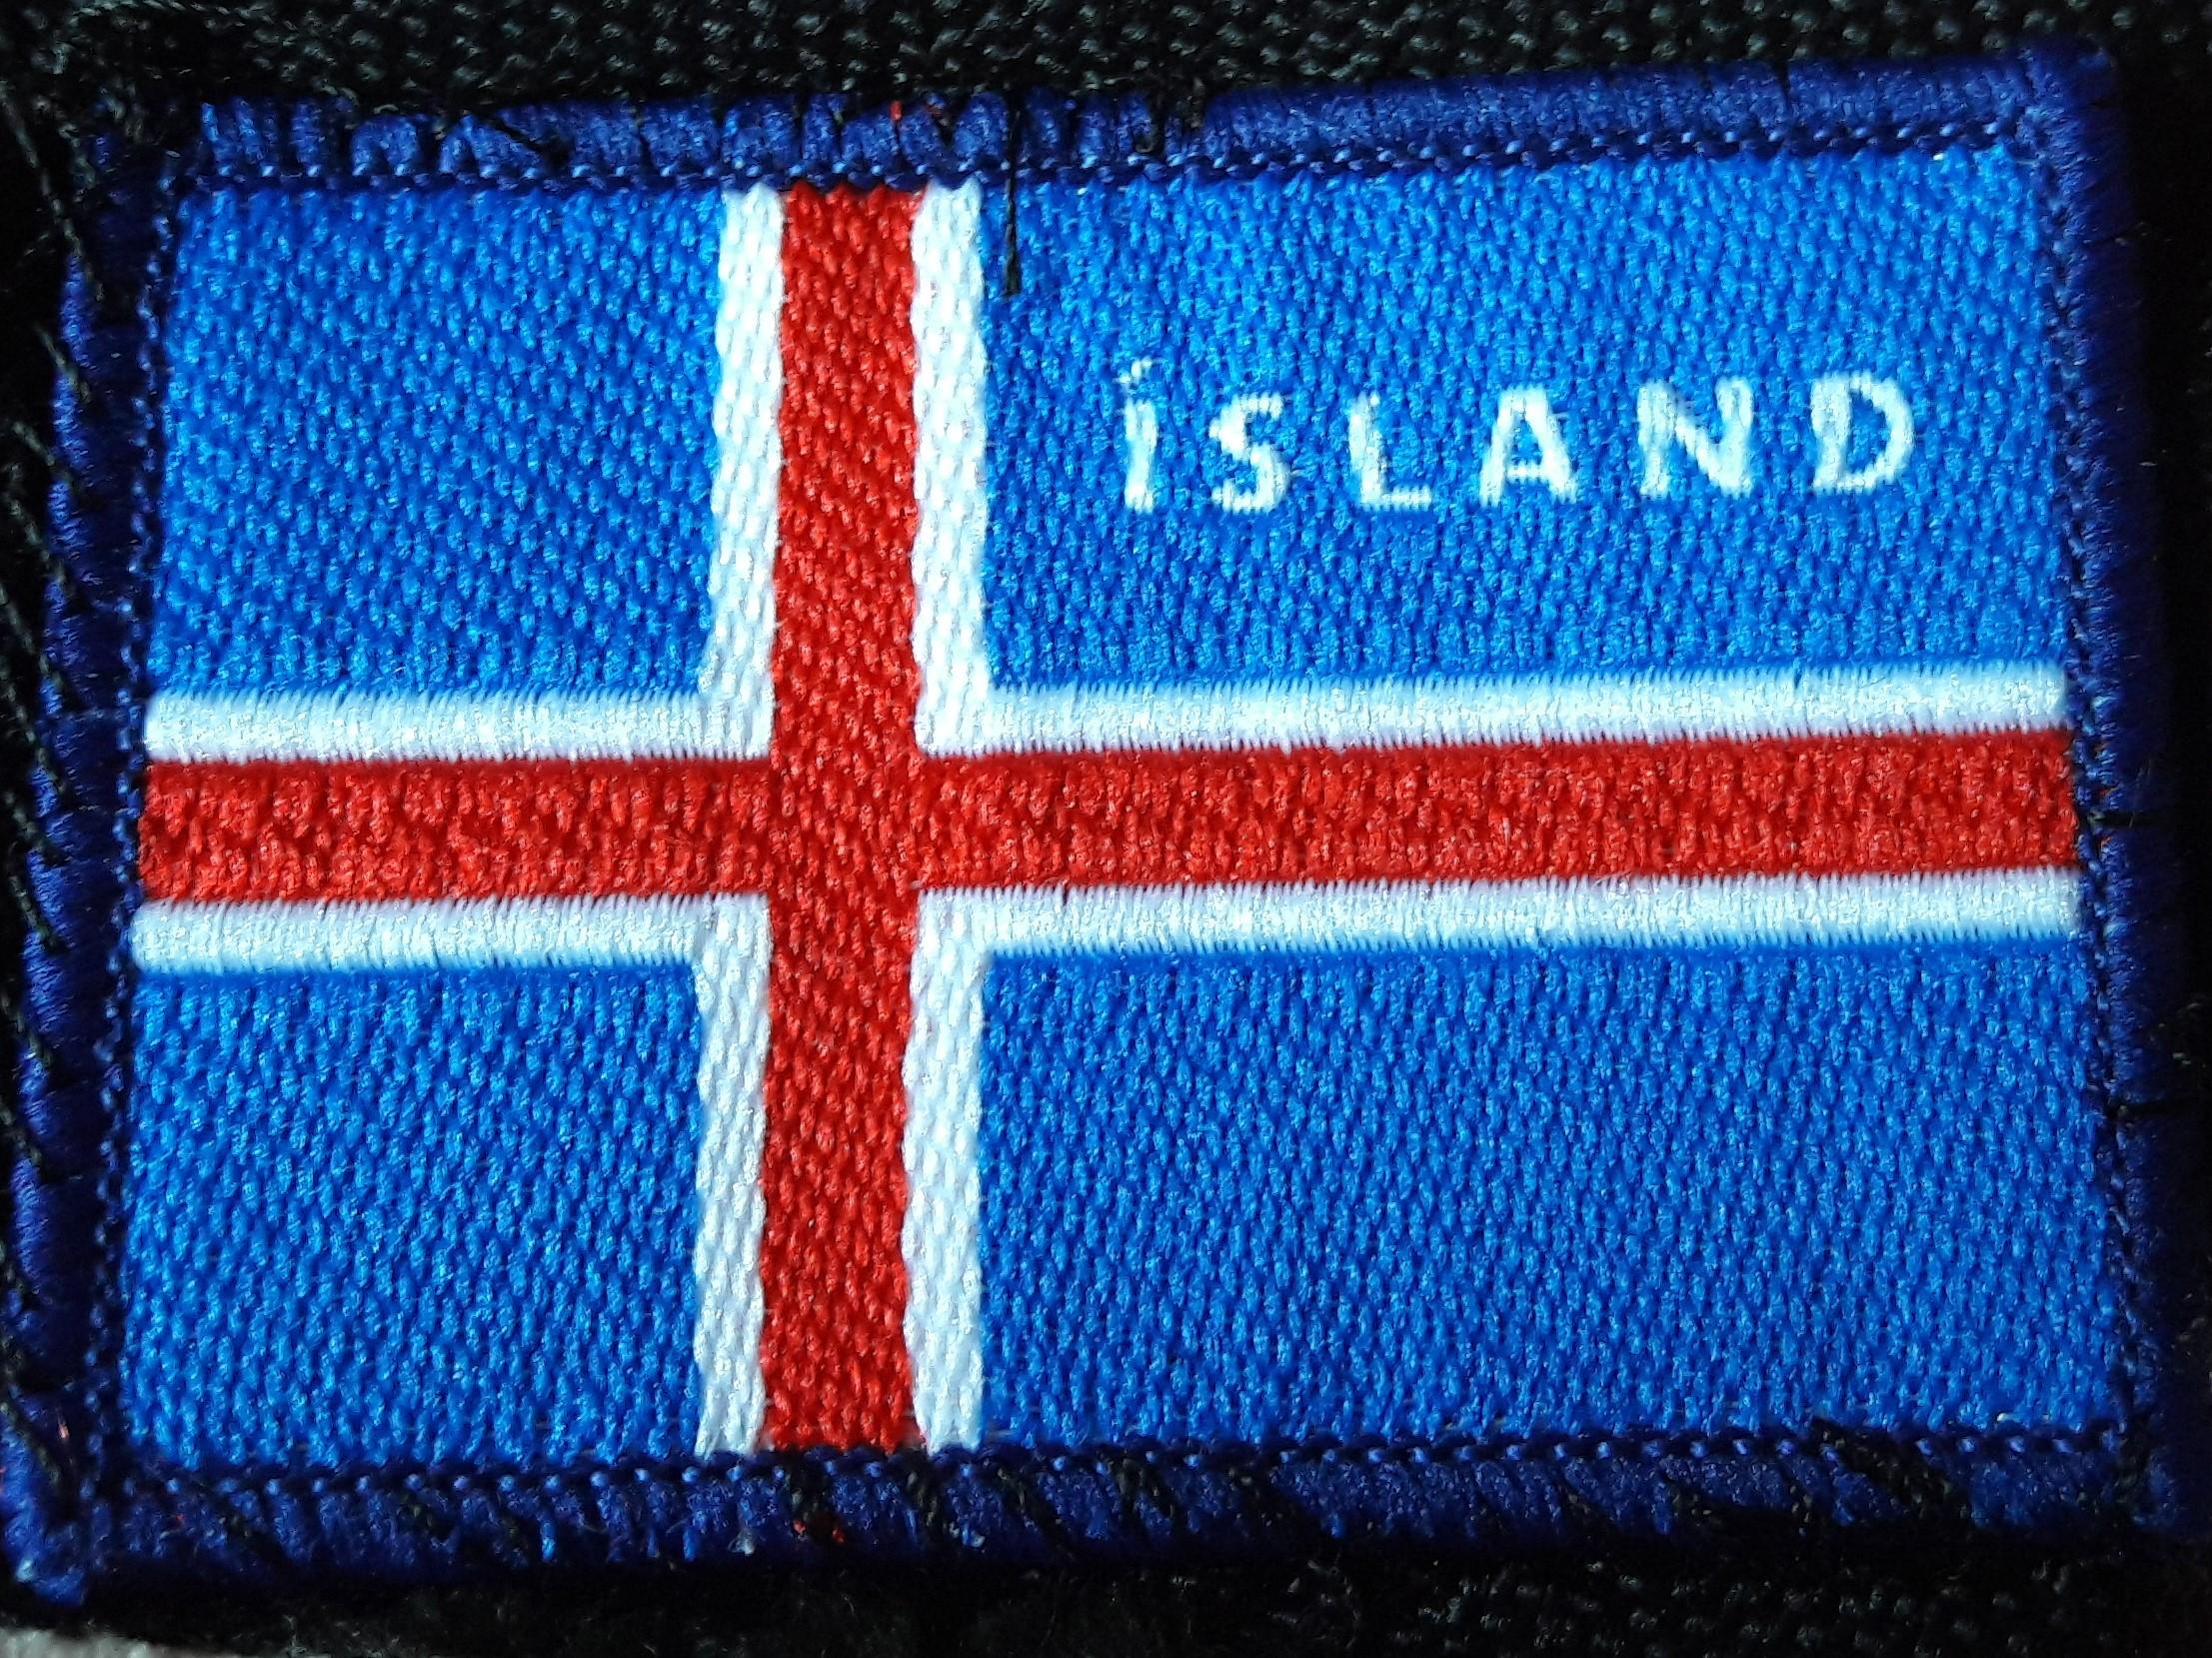 De vlag van IJsland (eigen foto)